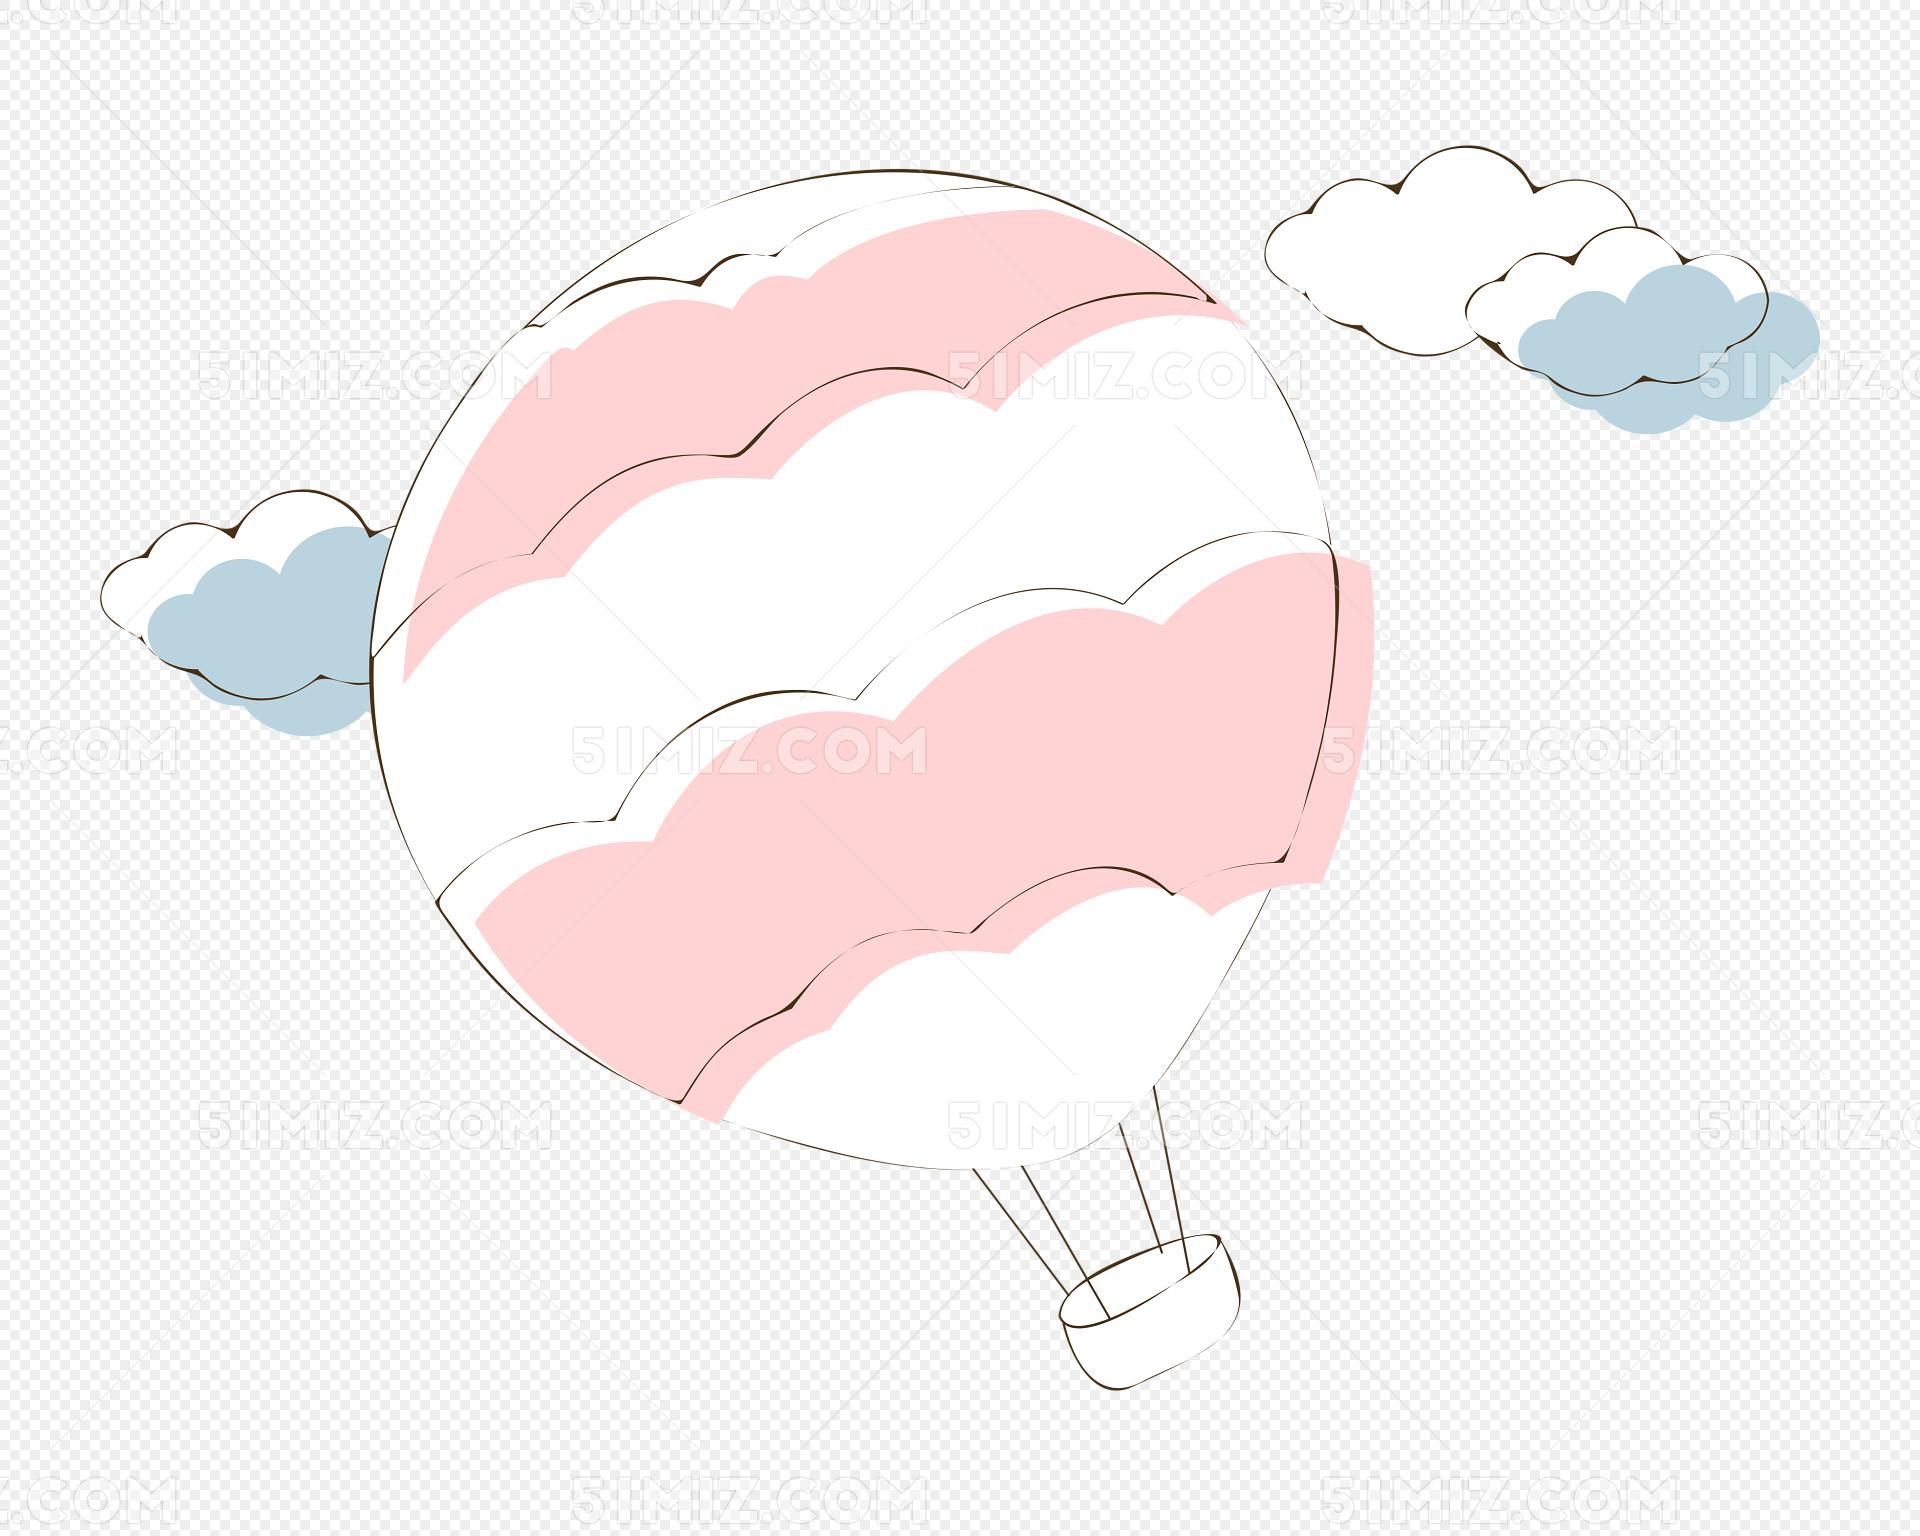 多云天气唯美图片_手绘卡通热气球矢量图片素材免费下载 - 觅知网